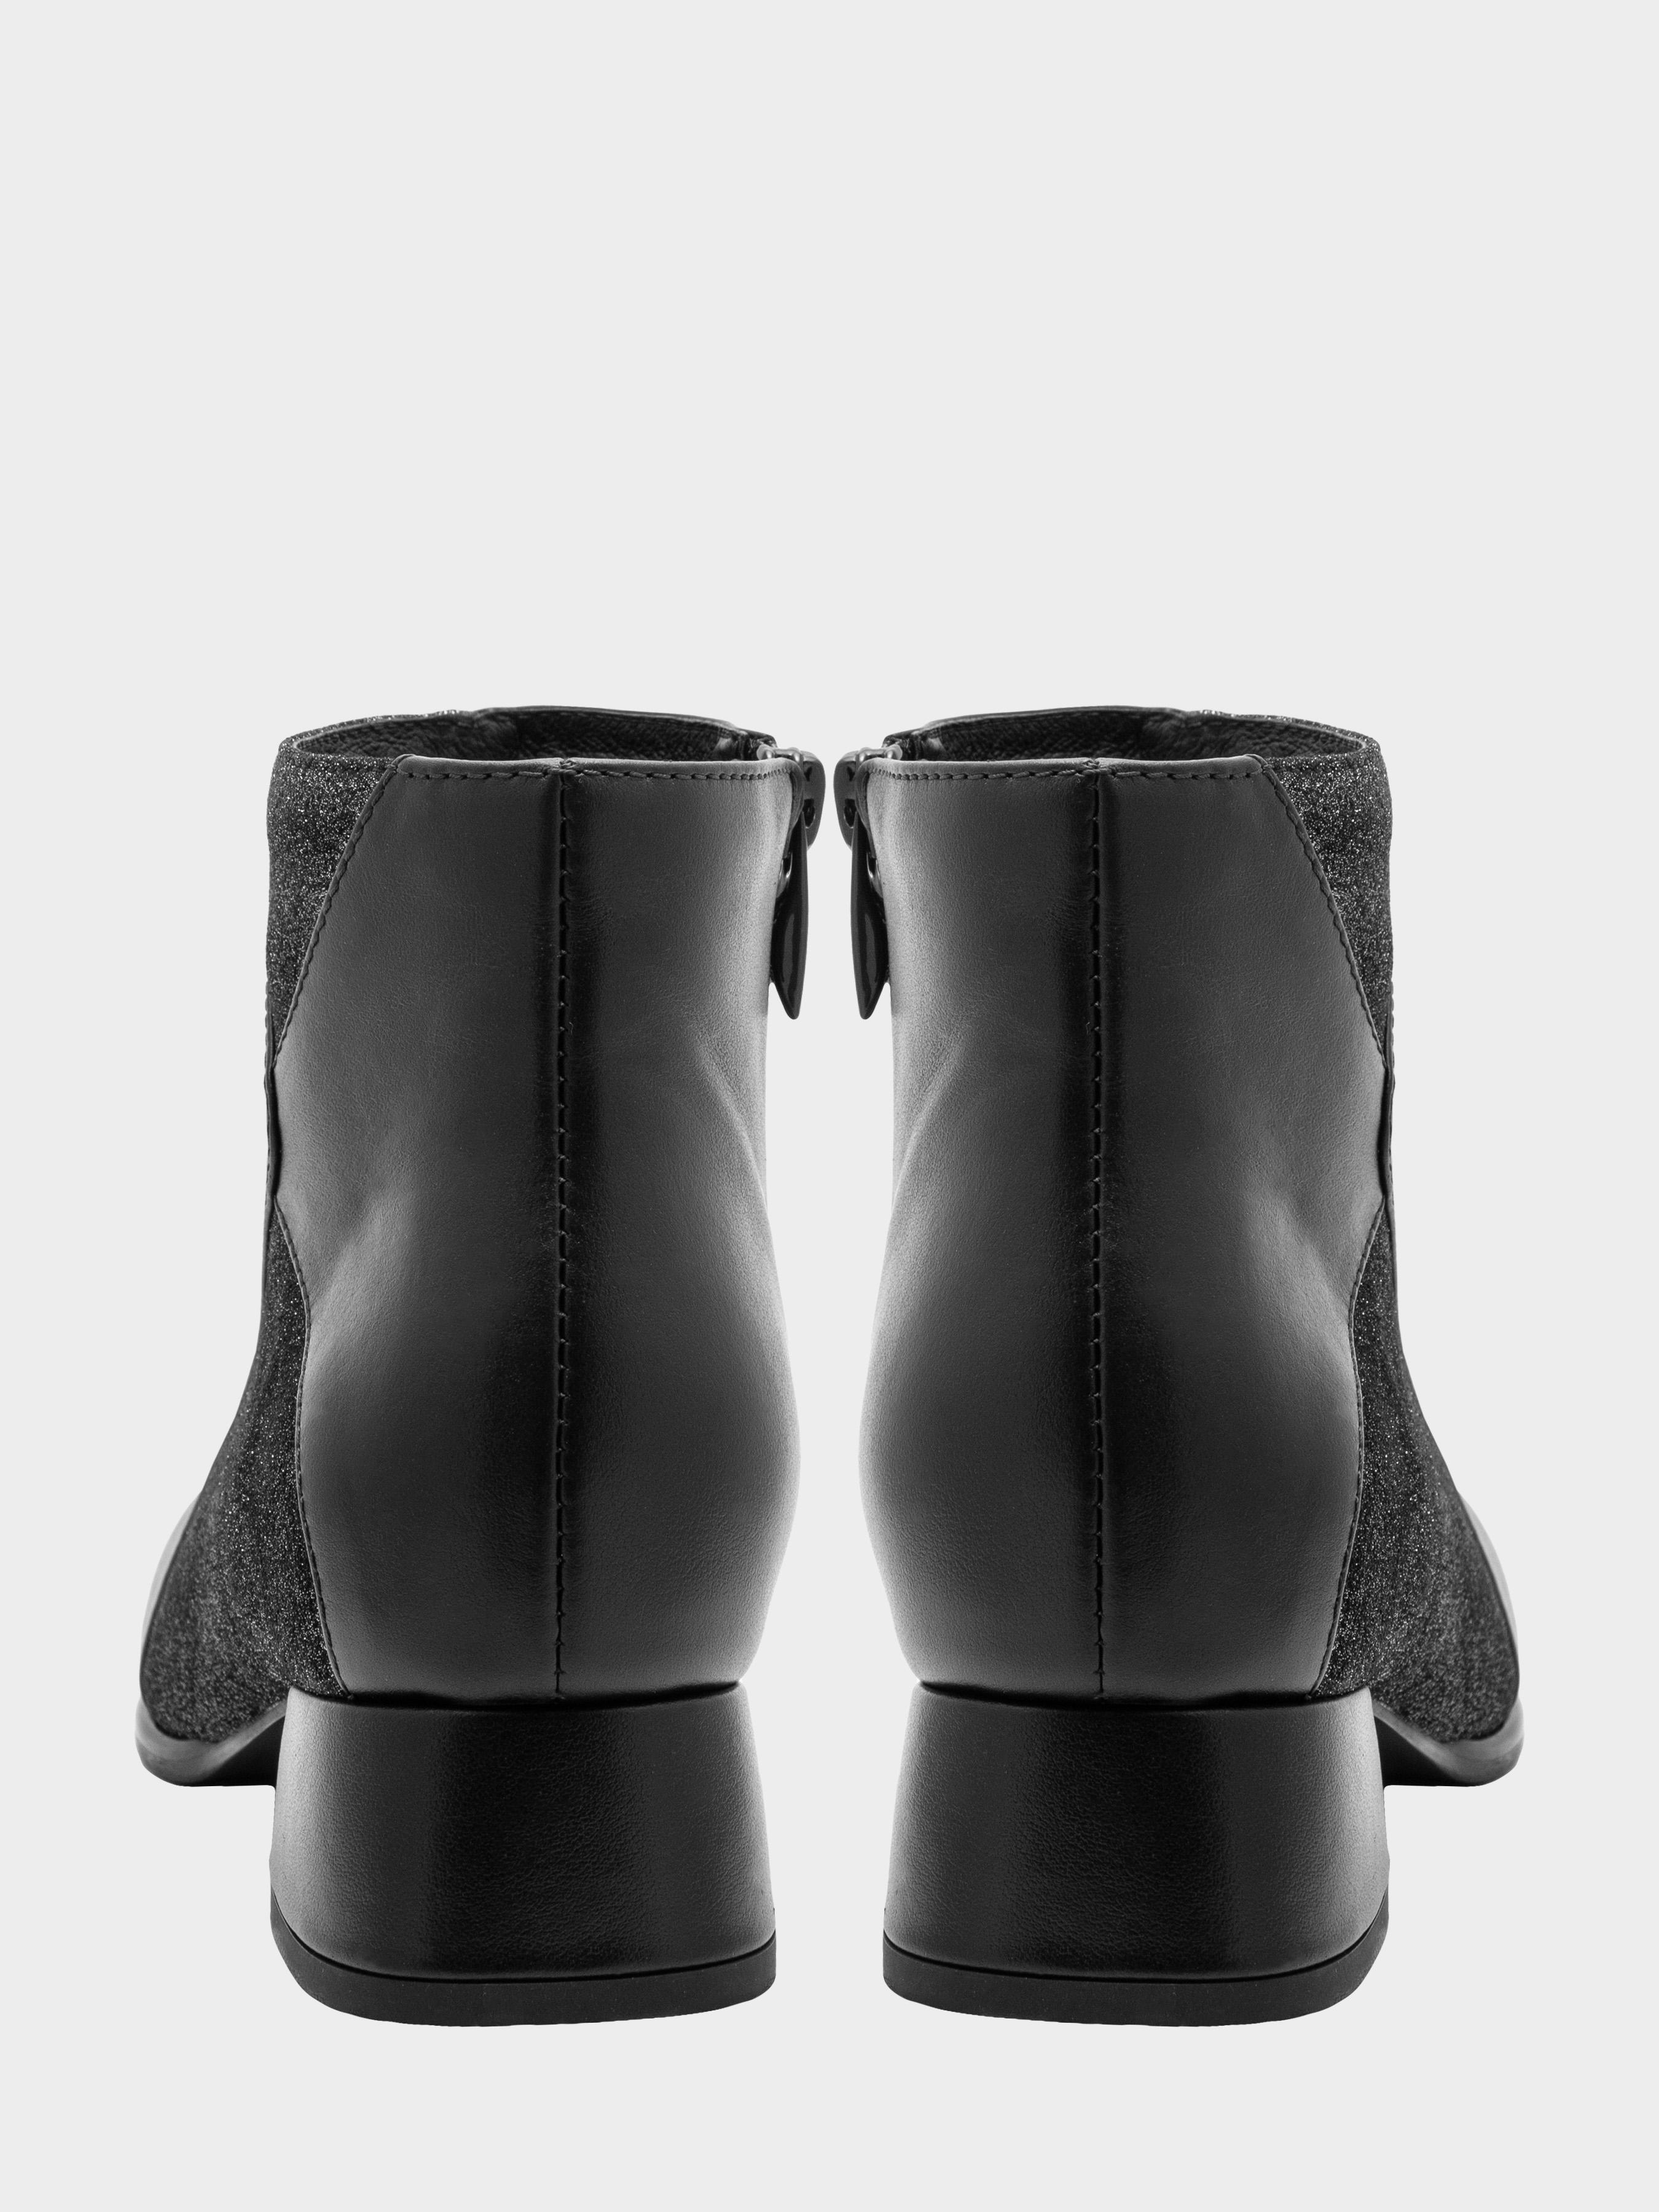 Ботинки для женщин Ботинки женские ENZO VERRATTI 18-10029-4ba выбрать, 2017